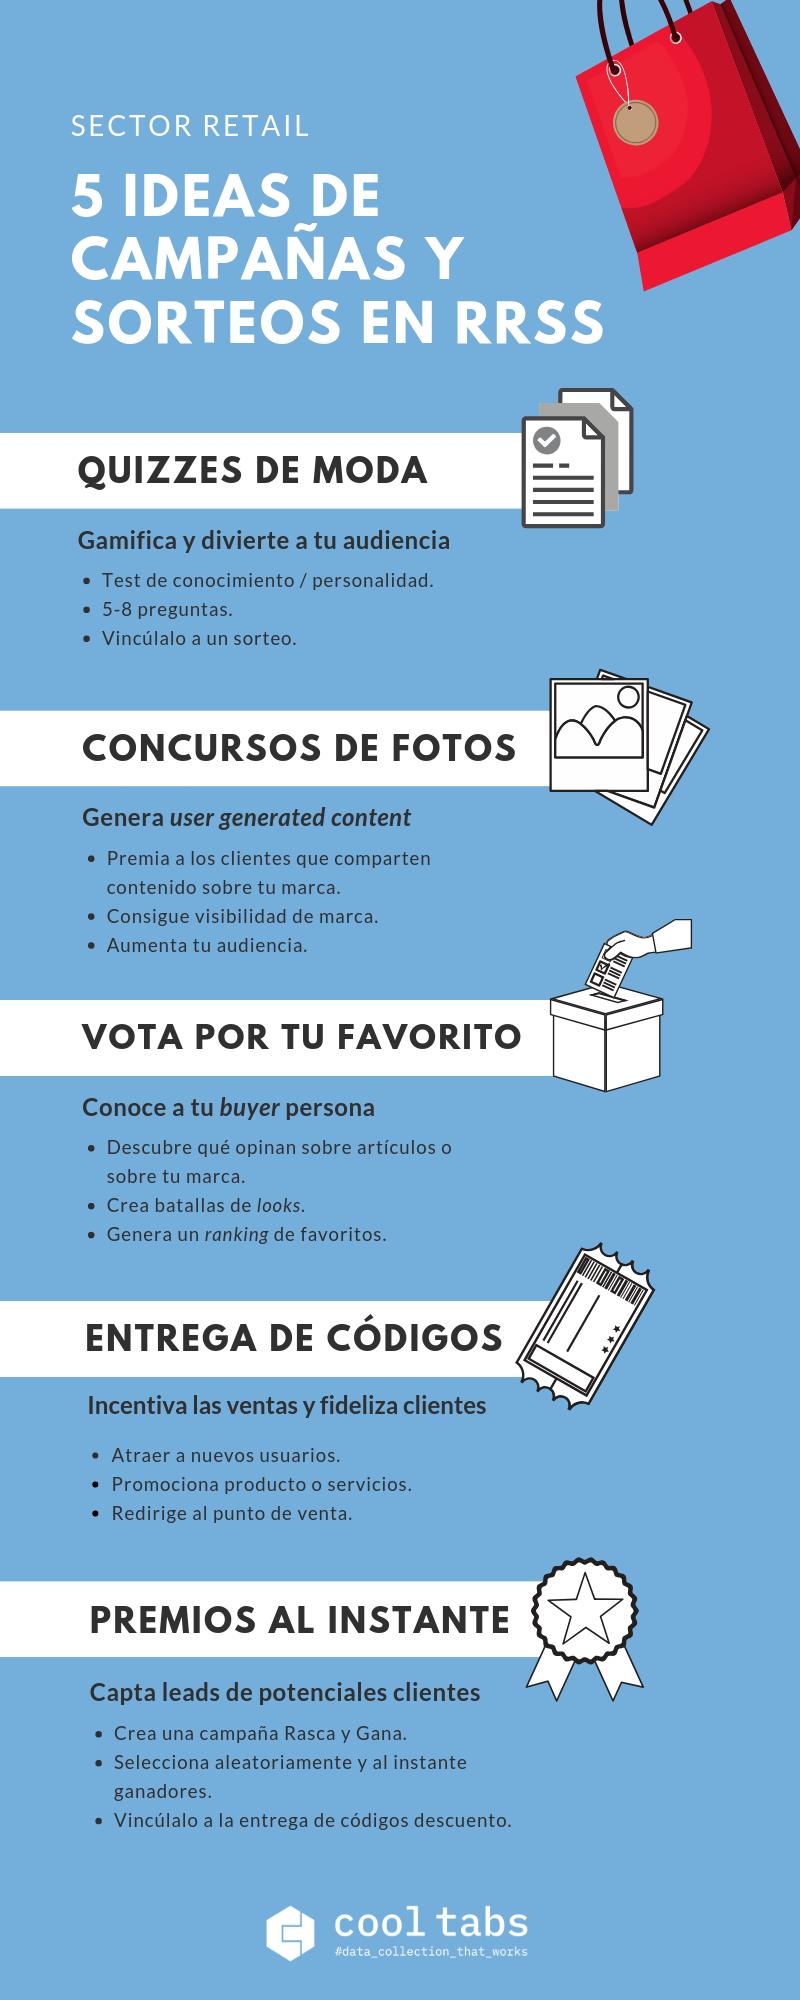 infografía sector retail: sorteos redes sociales